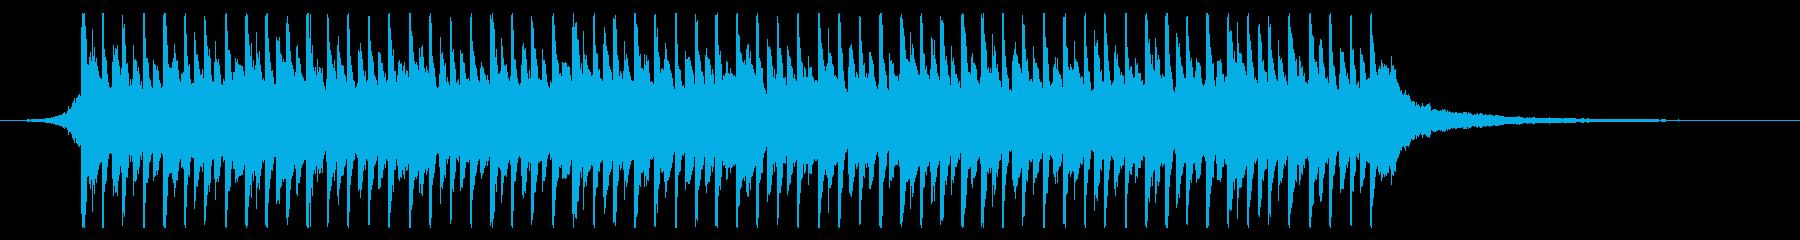 サビのみver 再会 Pf ストリングスの再生済みの波形